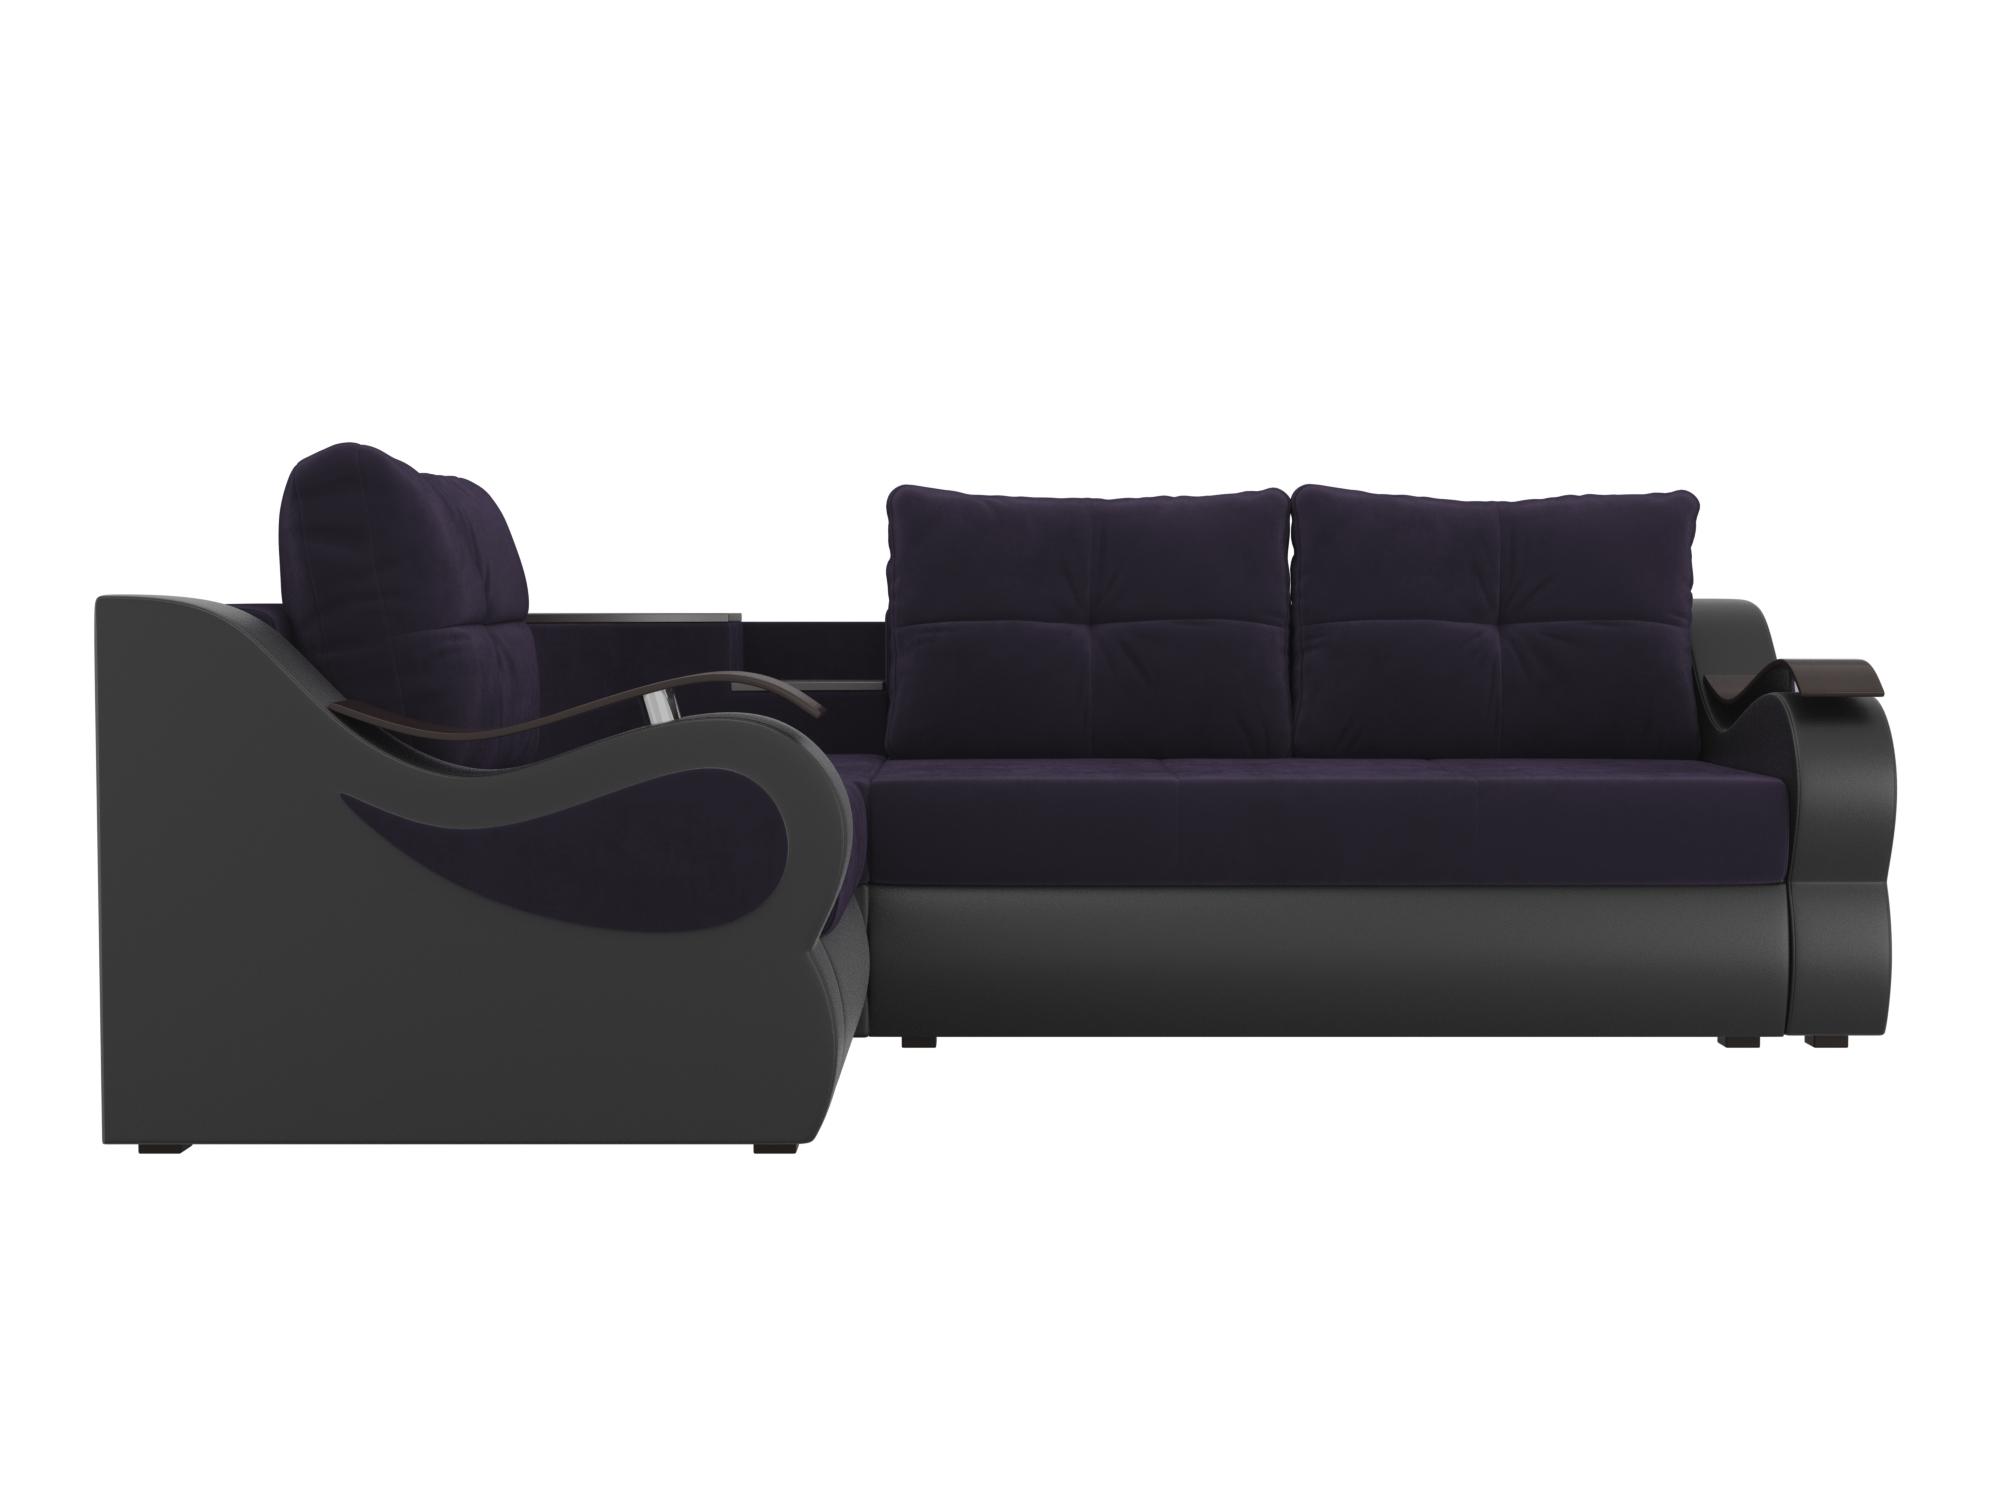 Угловой диван Митчелл Левый MebelVia Фиолетовый, Черный, Велюр, ЛДСП Фиолетовый, Черный